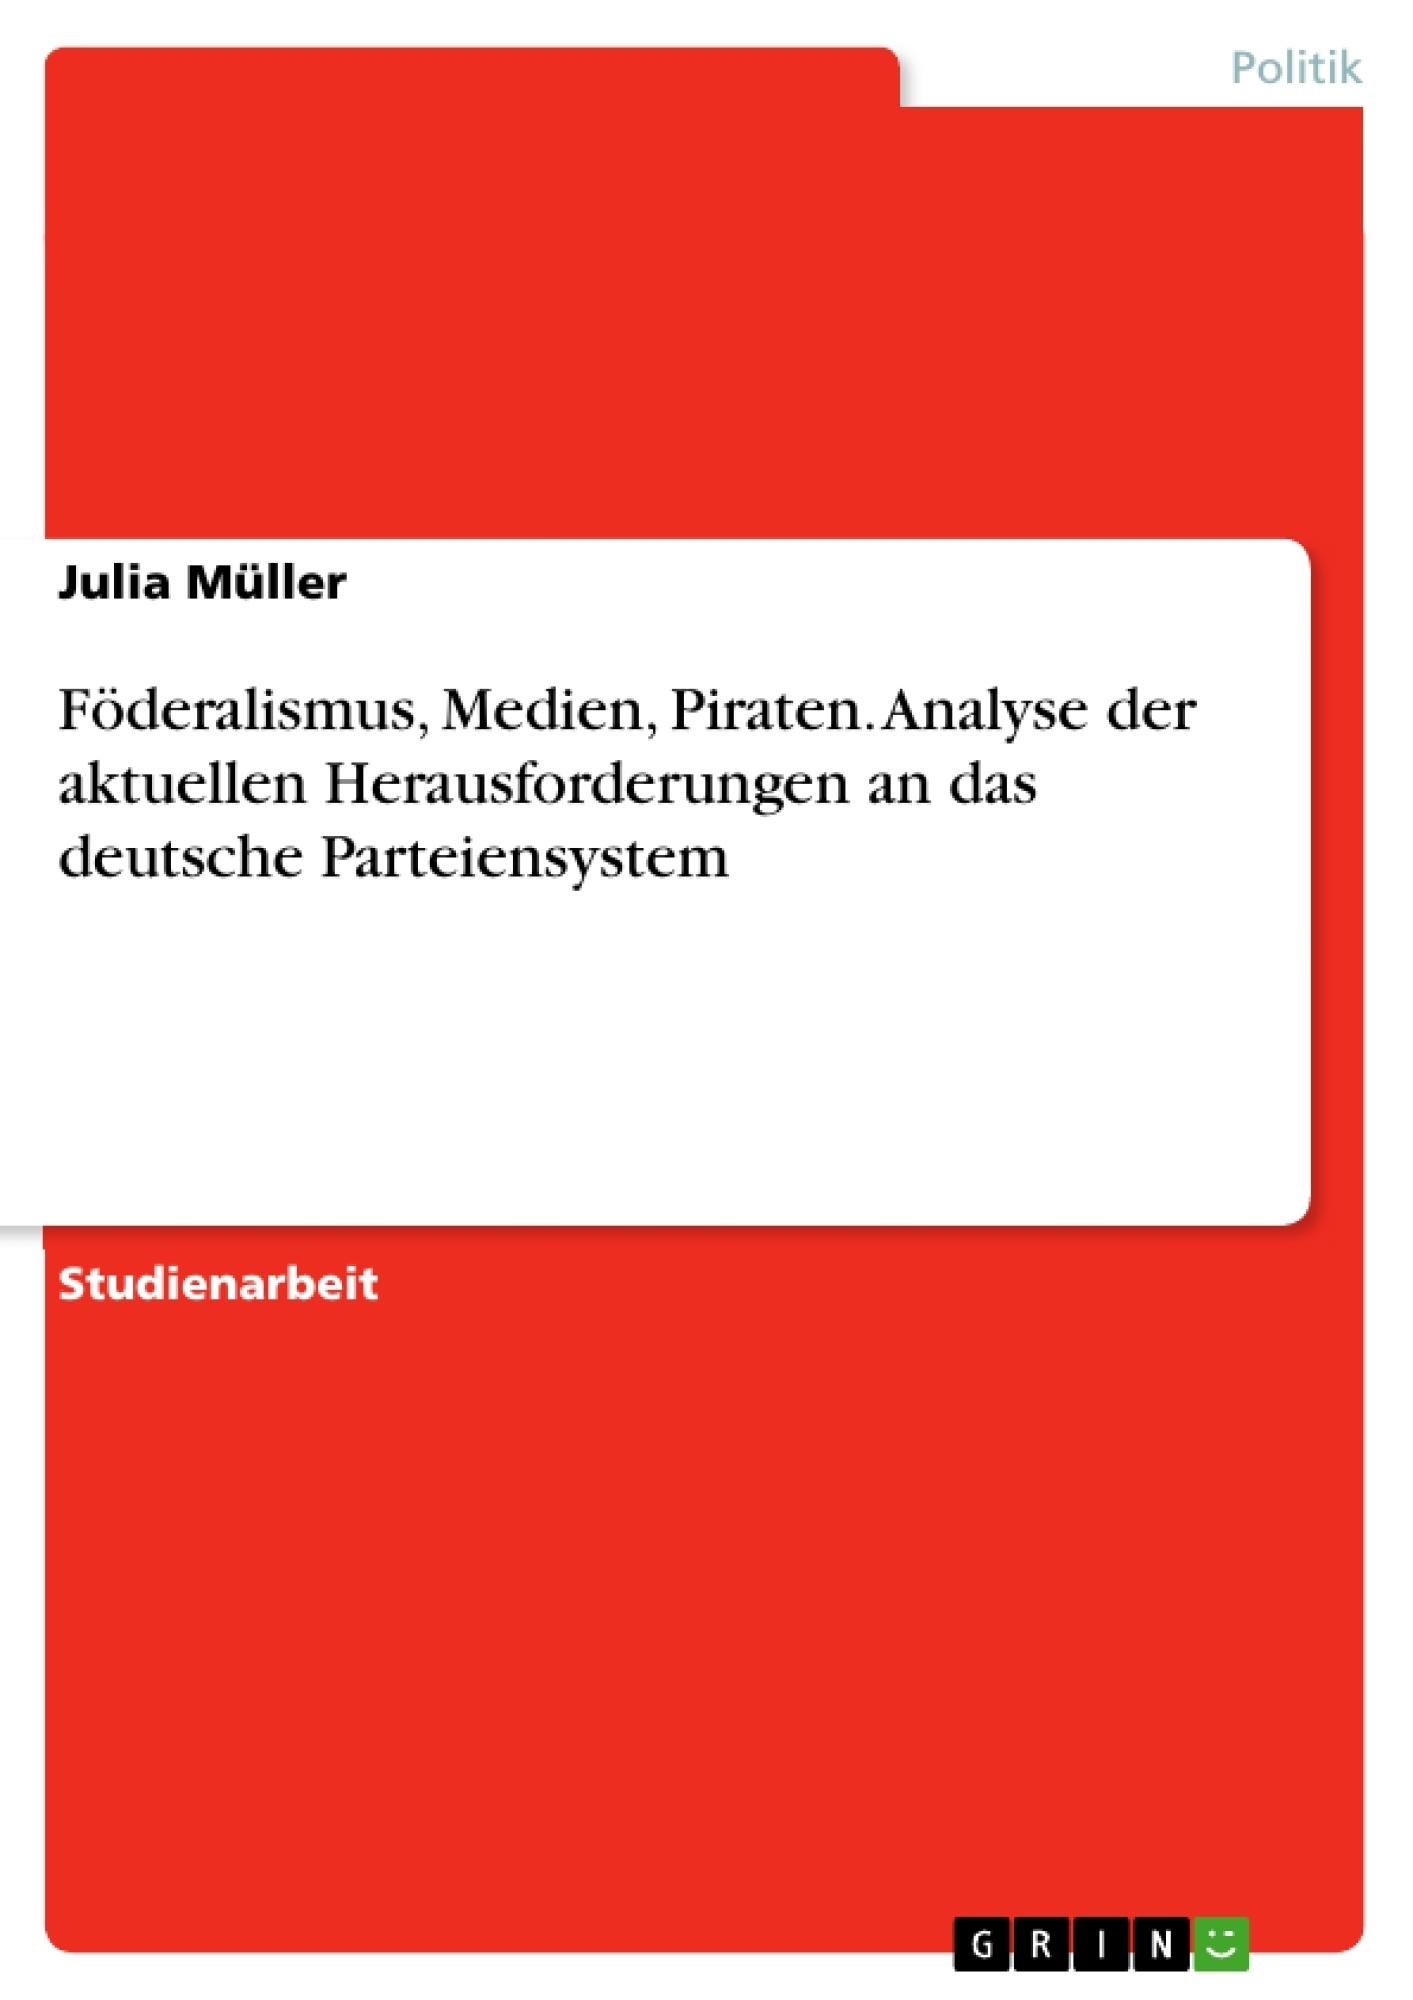 Titel: Föderalismus, Medien, Piraten. Analyse der aktuellen Herausforderungen an das deutsche Parteiensystem